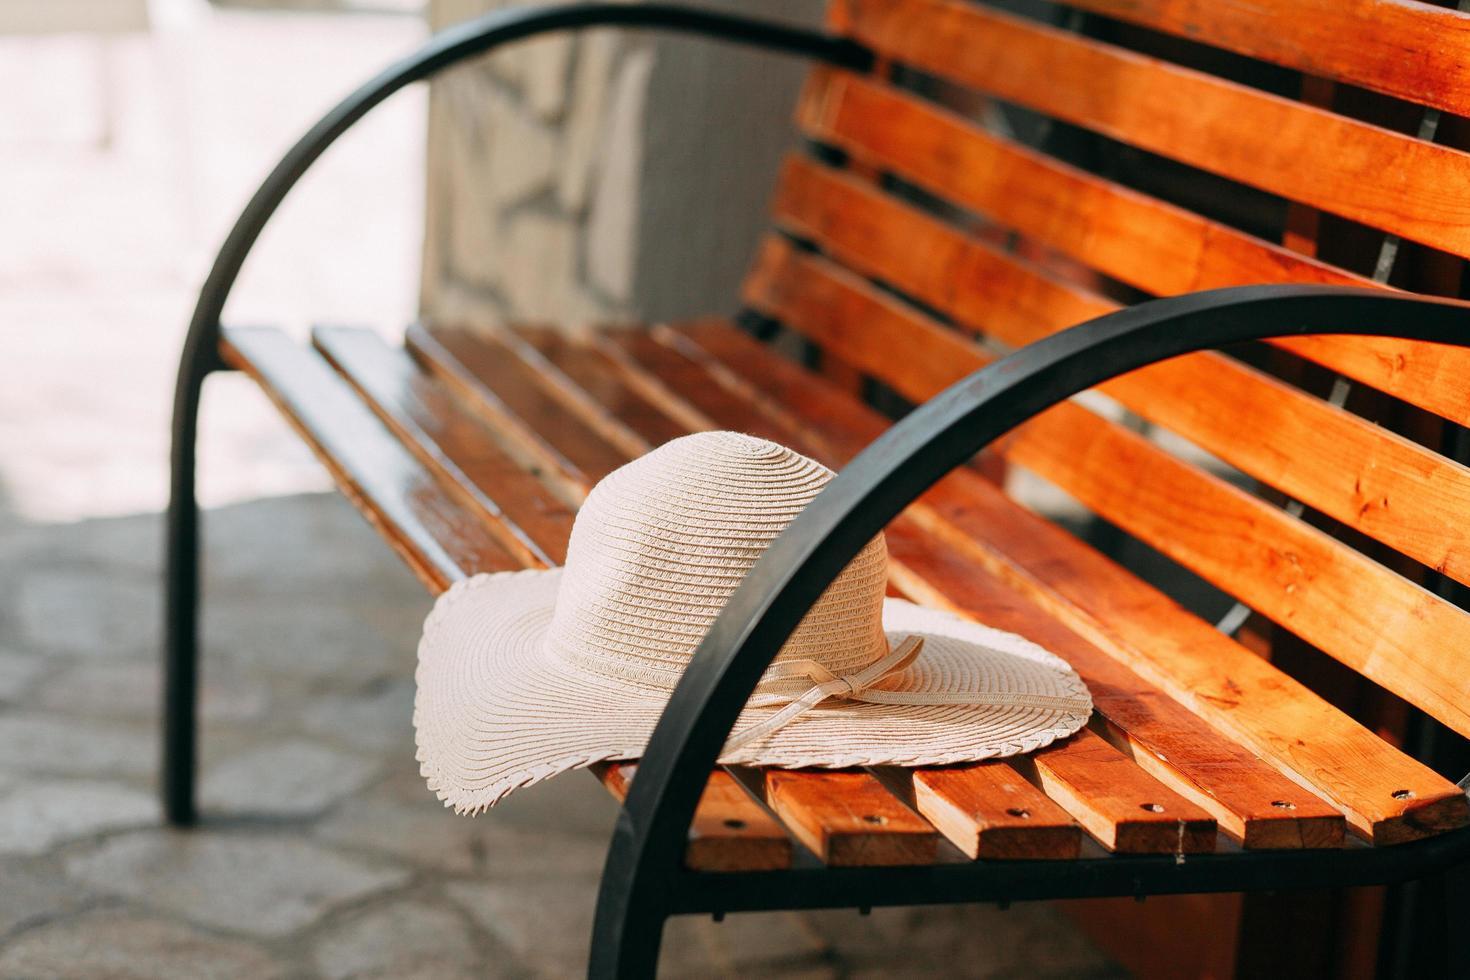 chapeau de soleil sur banc photo